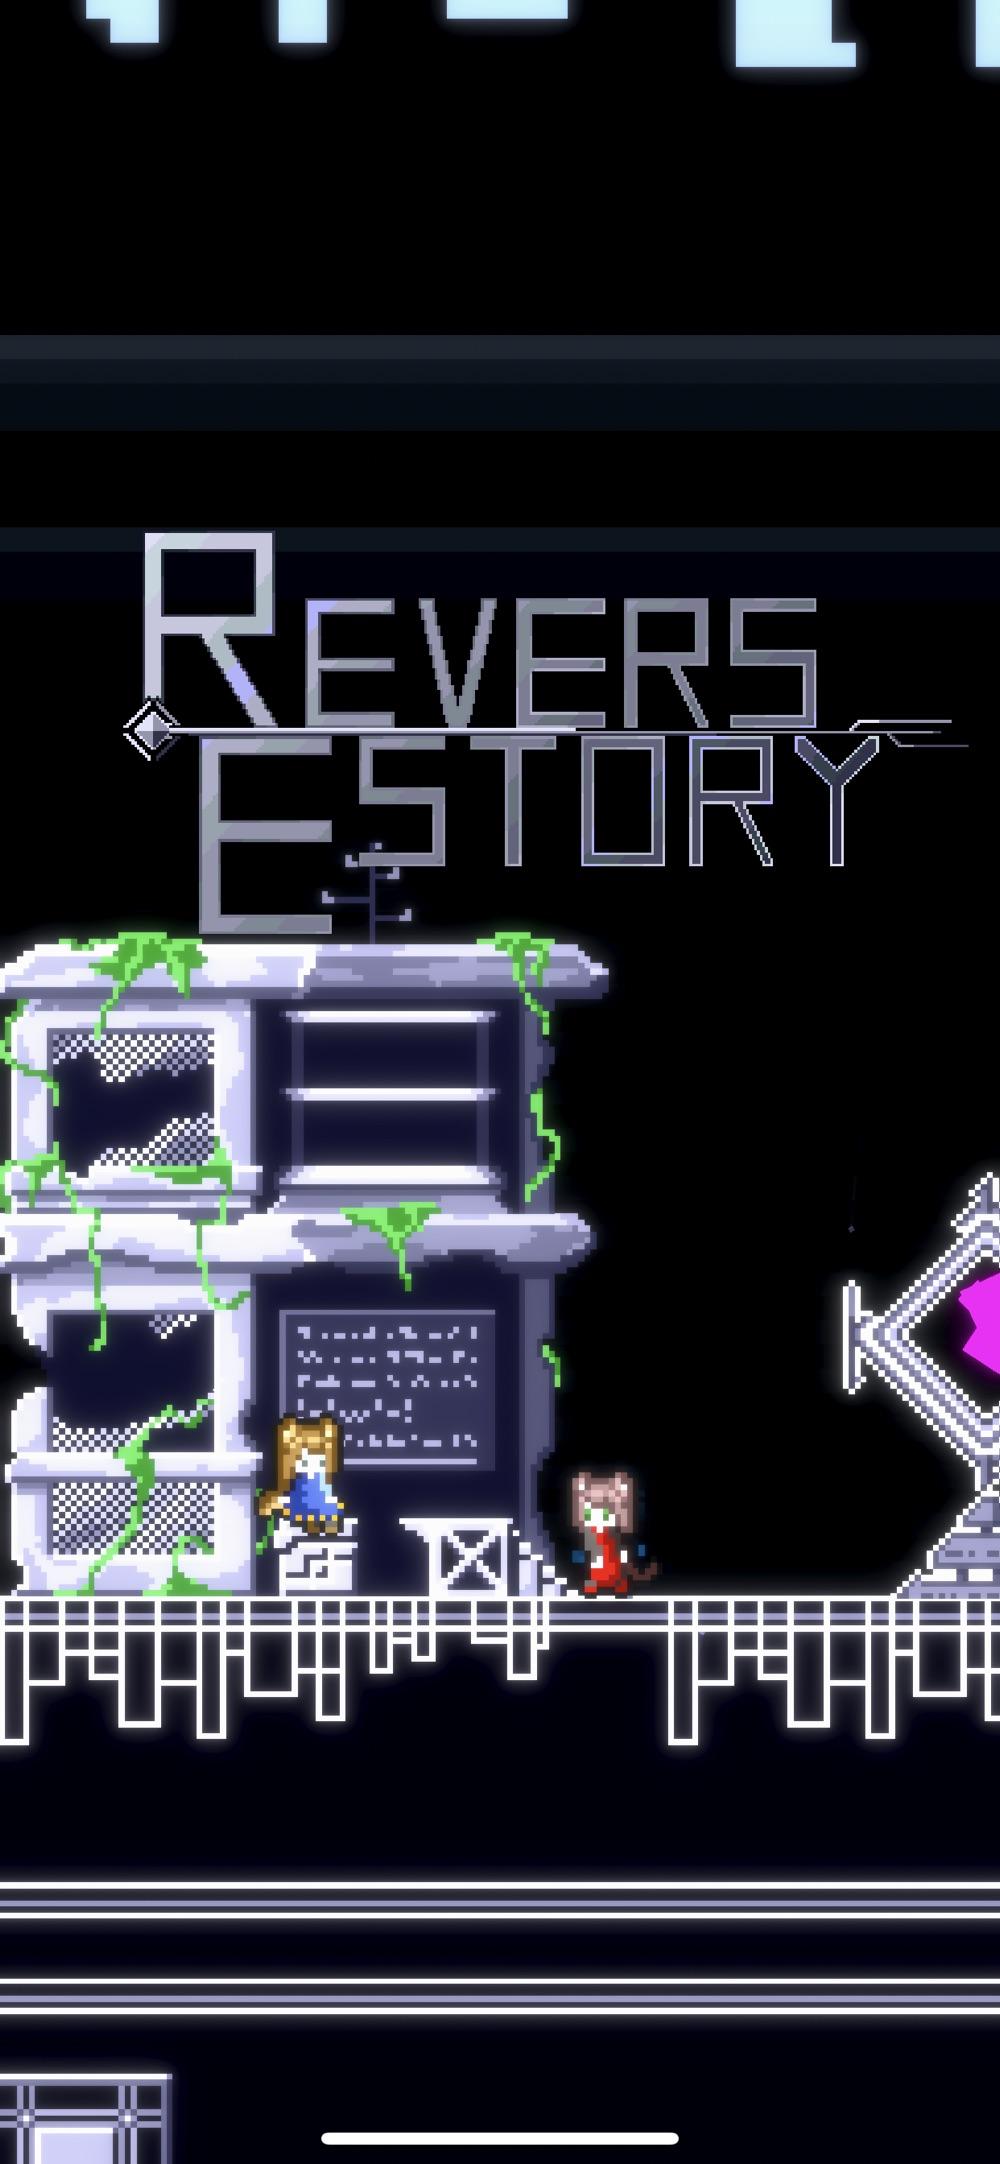 ReversEstory Cheat Codes